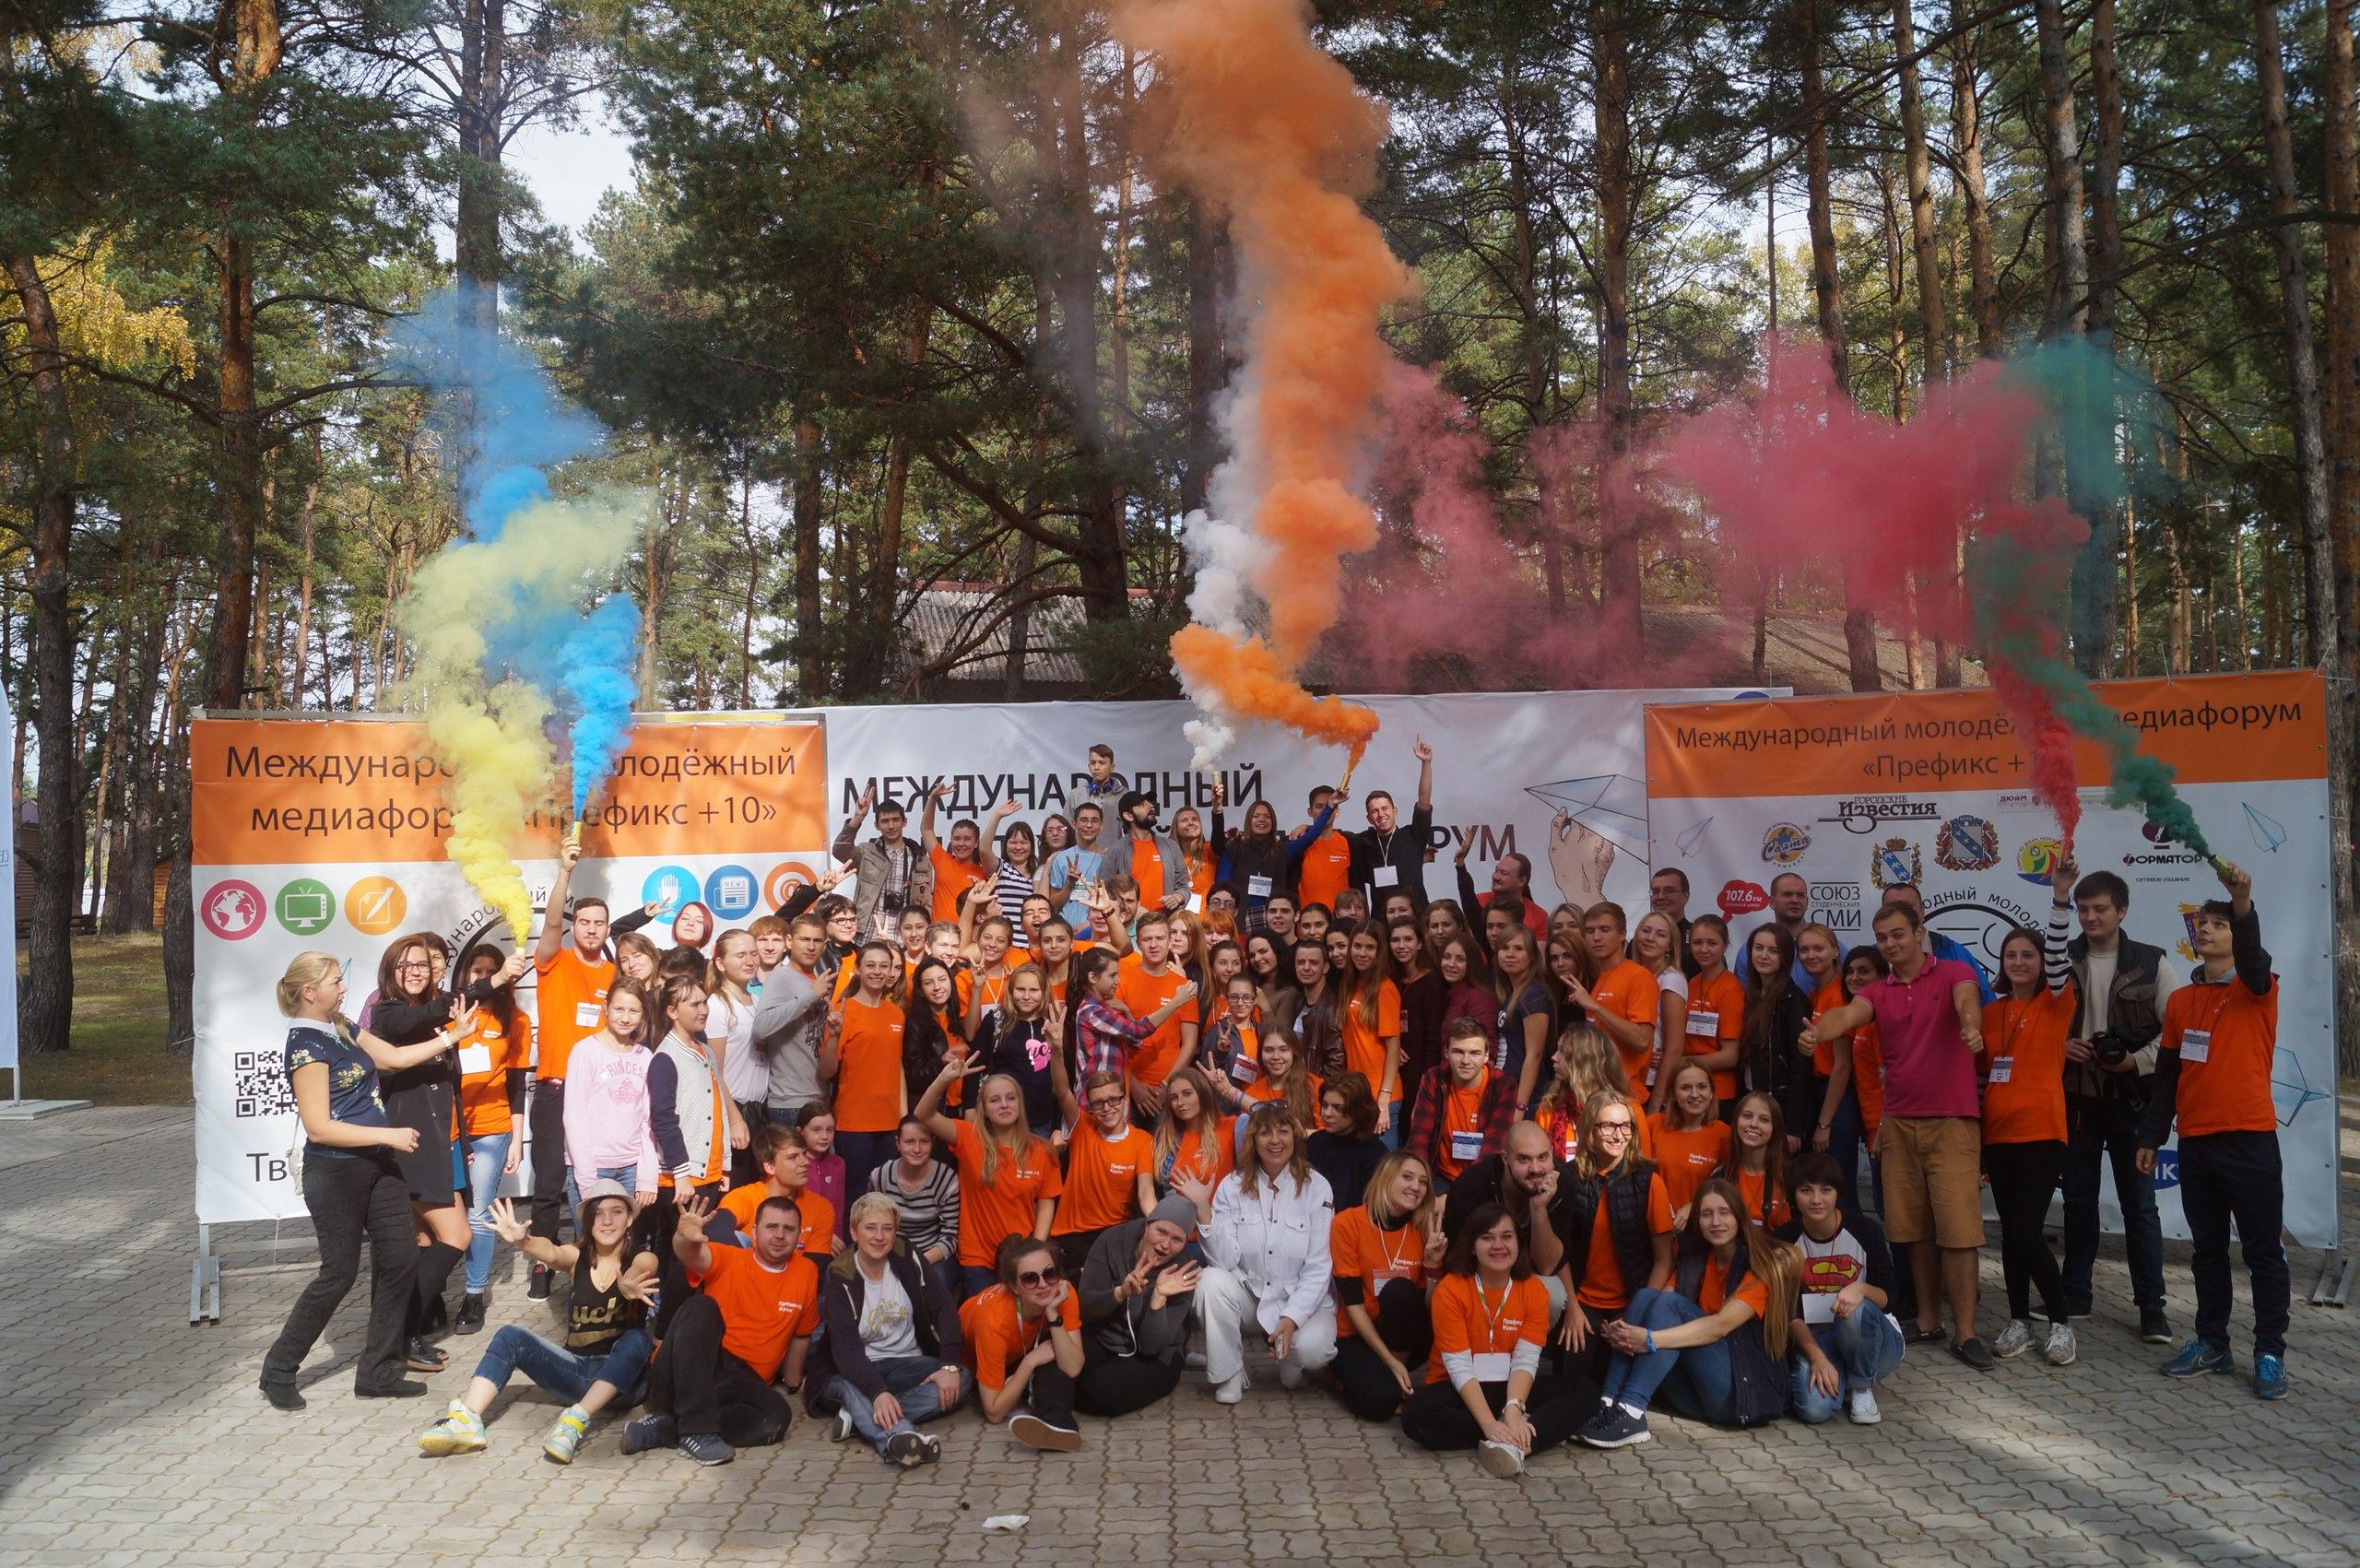 В Курске пройдет III международный медиафорум «Префикс+10»